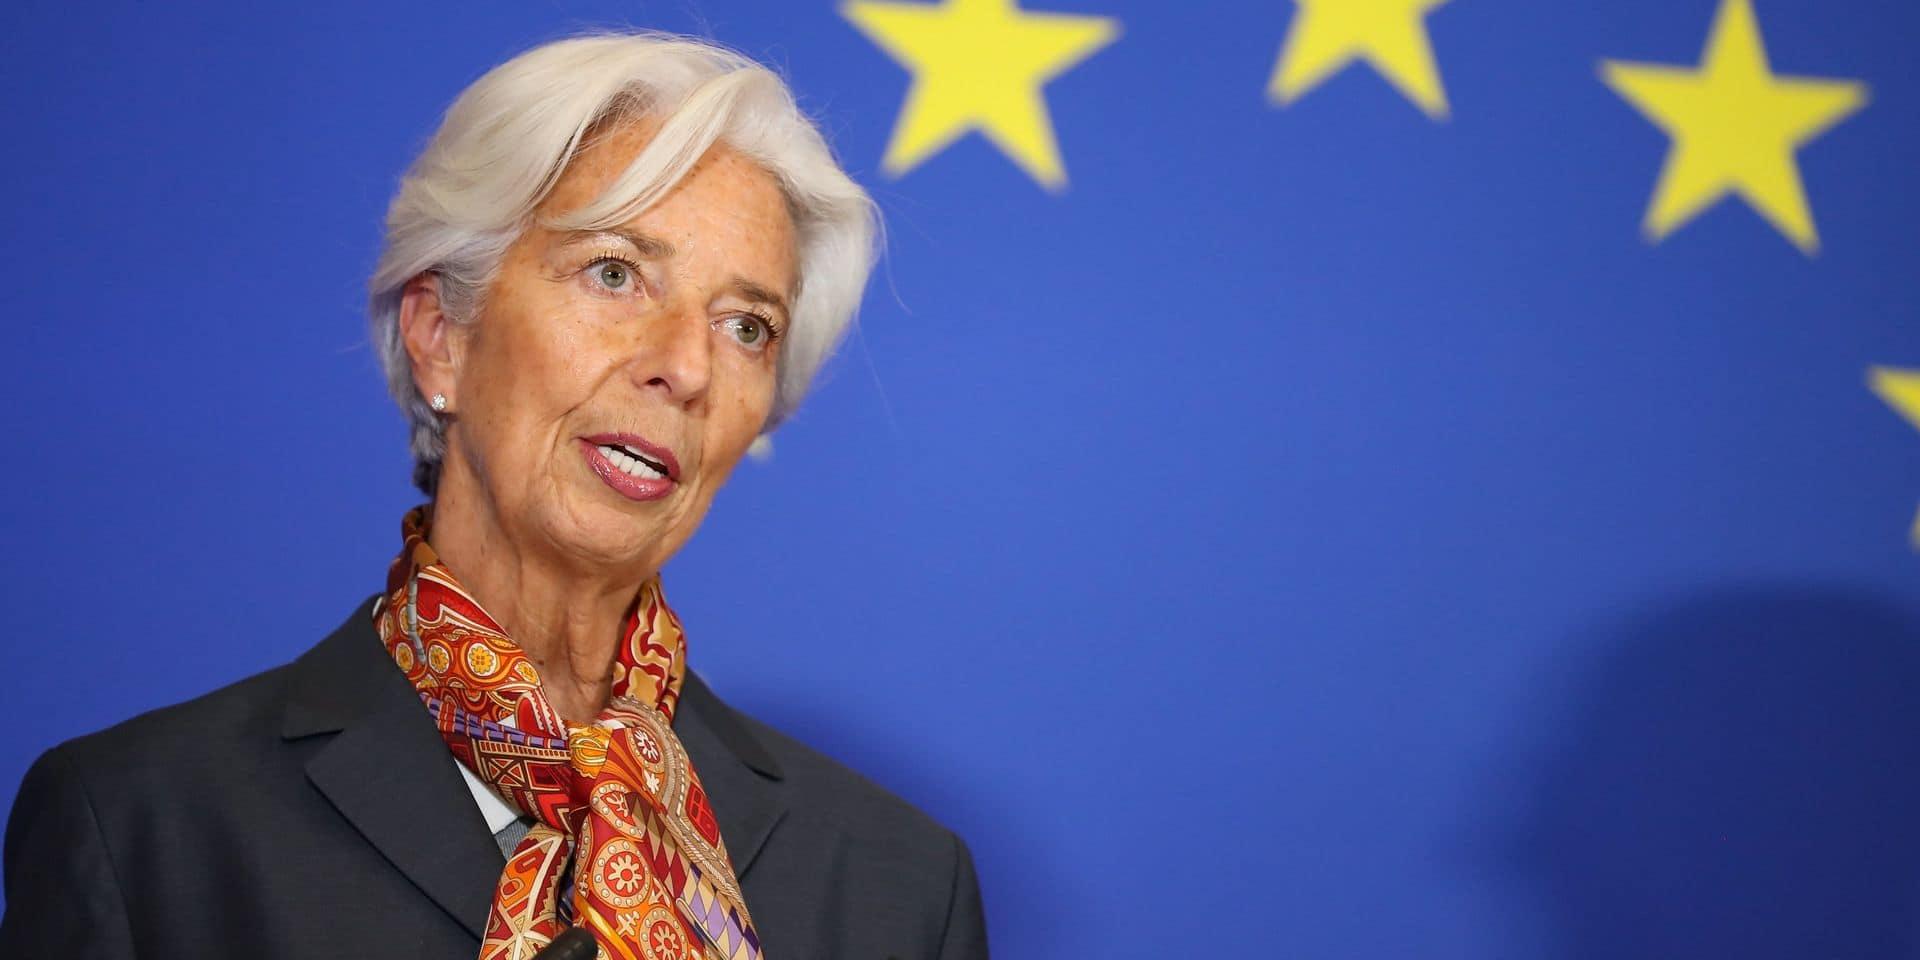 La BCE voit s'atténuer les risques sur l'économie en zone euro